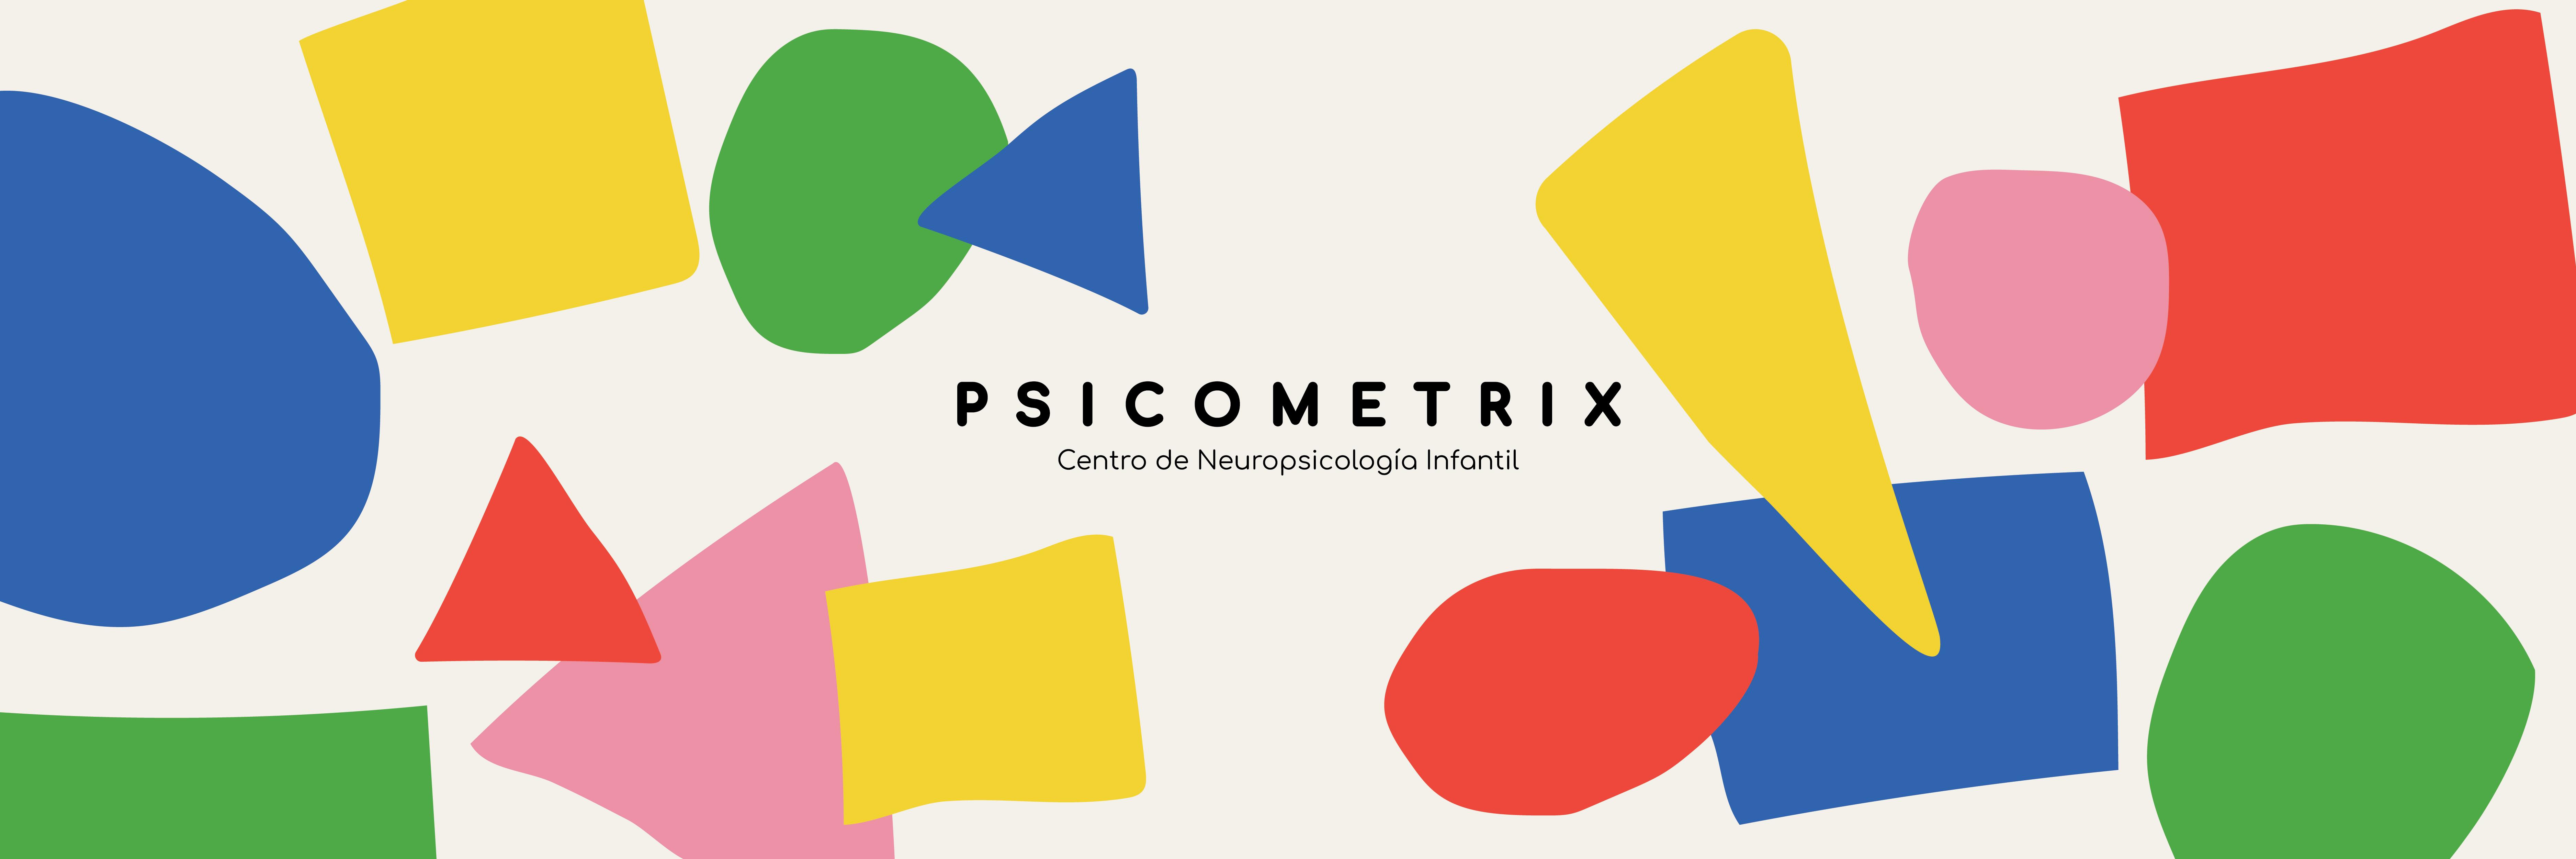 psicometrix_logo-01